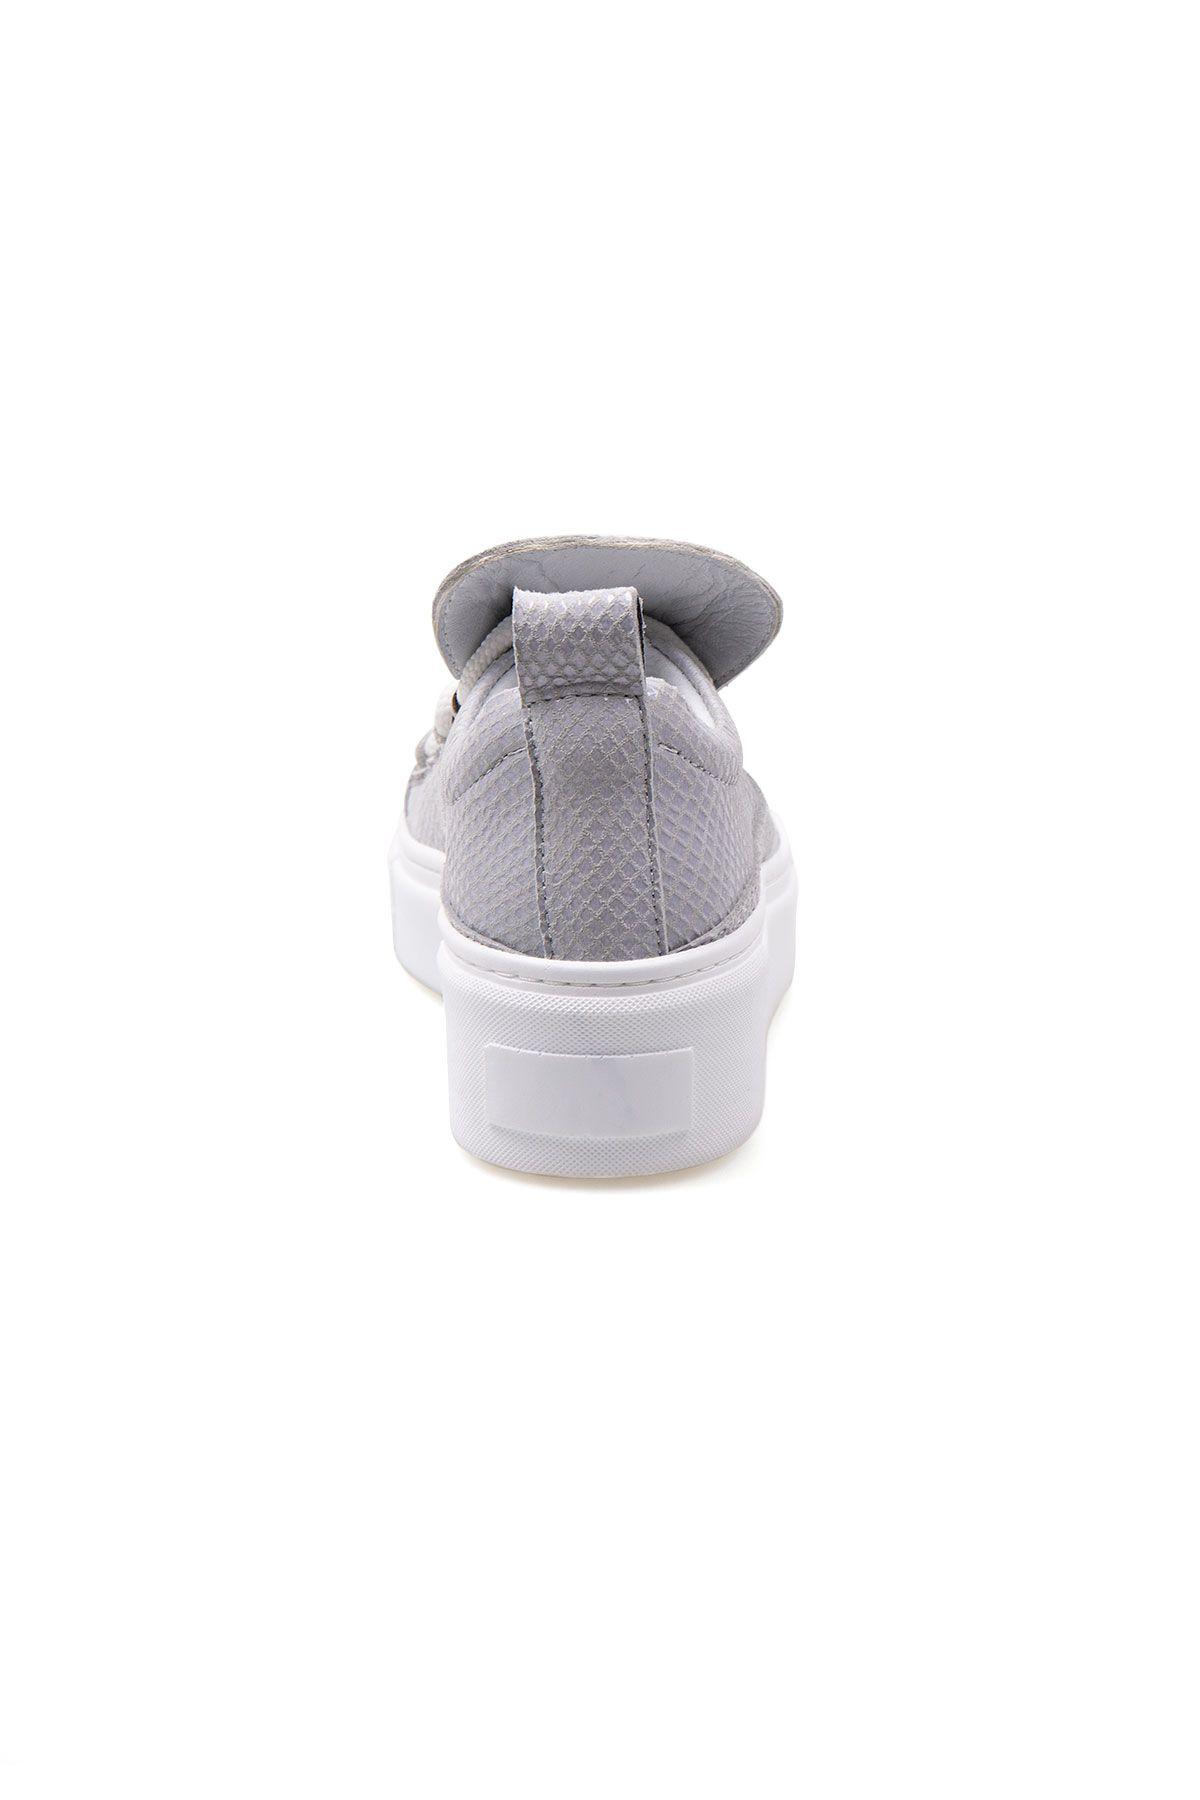 Pegia Genuine Leather Women's Sneaker LA1715 Gray